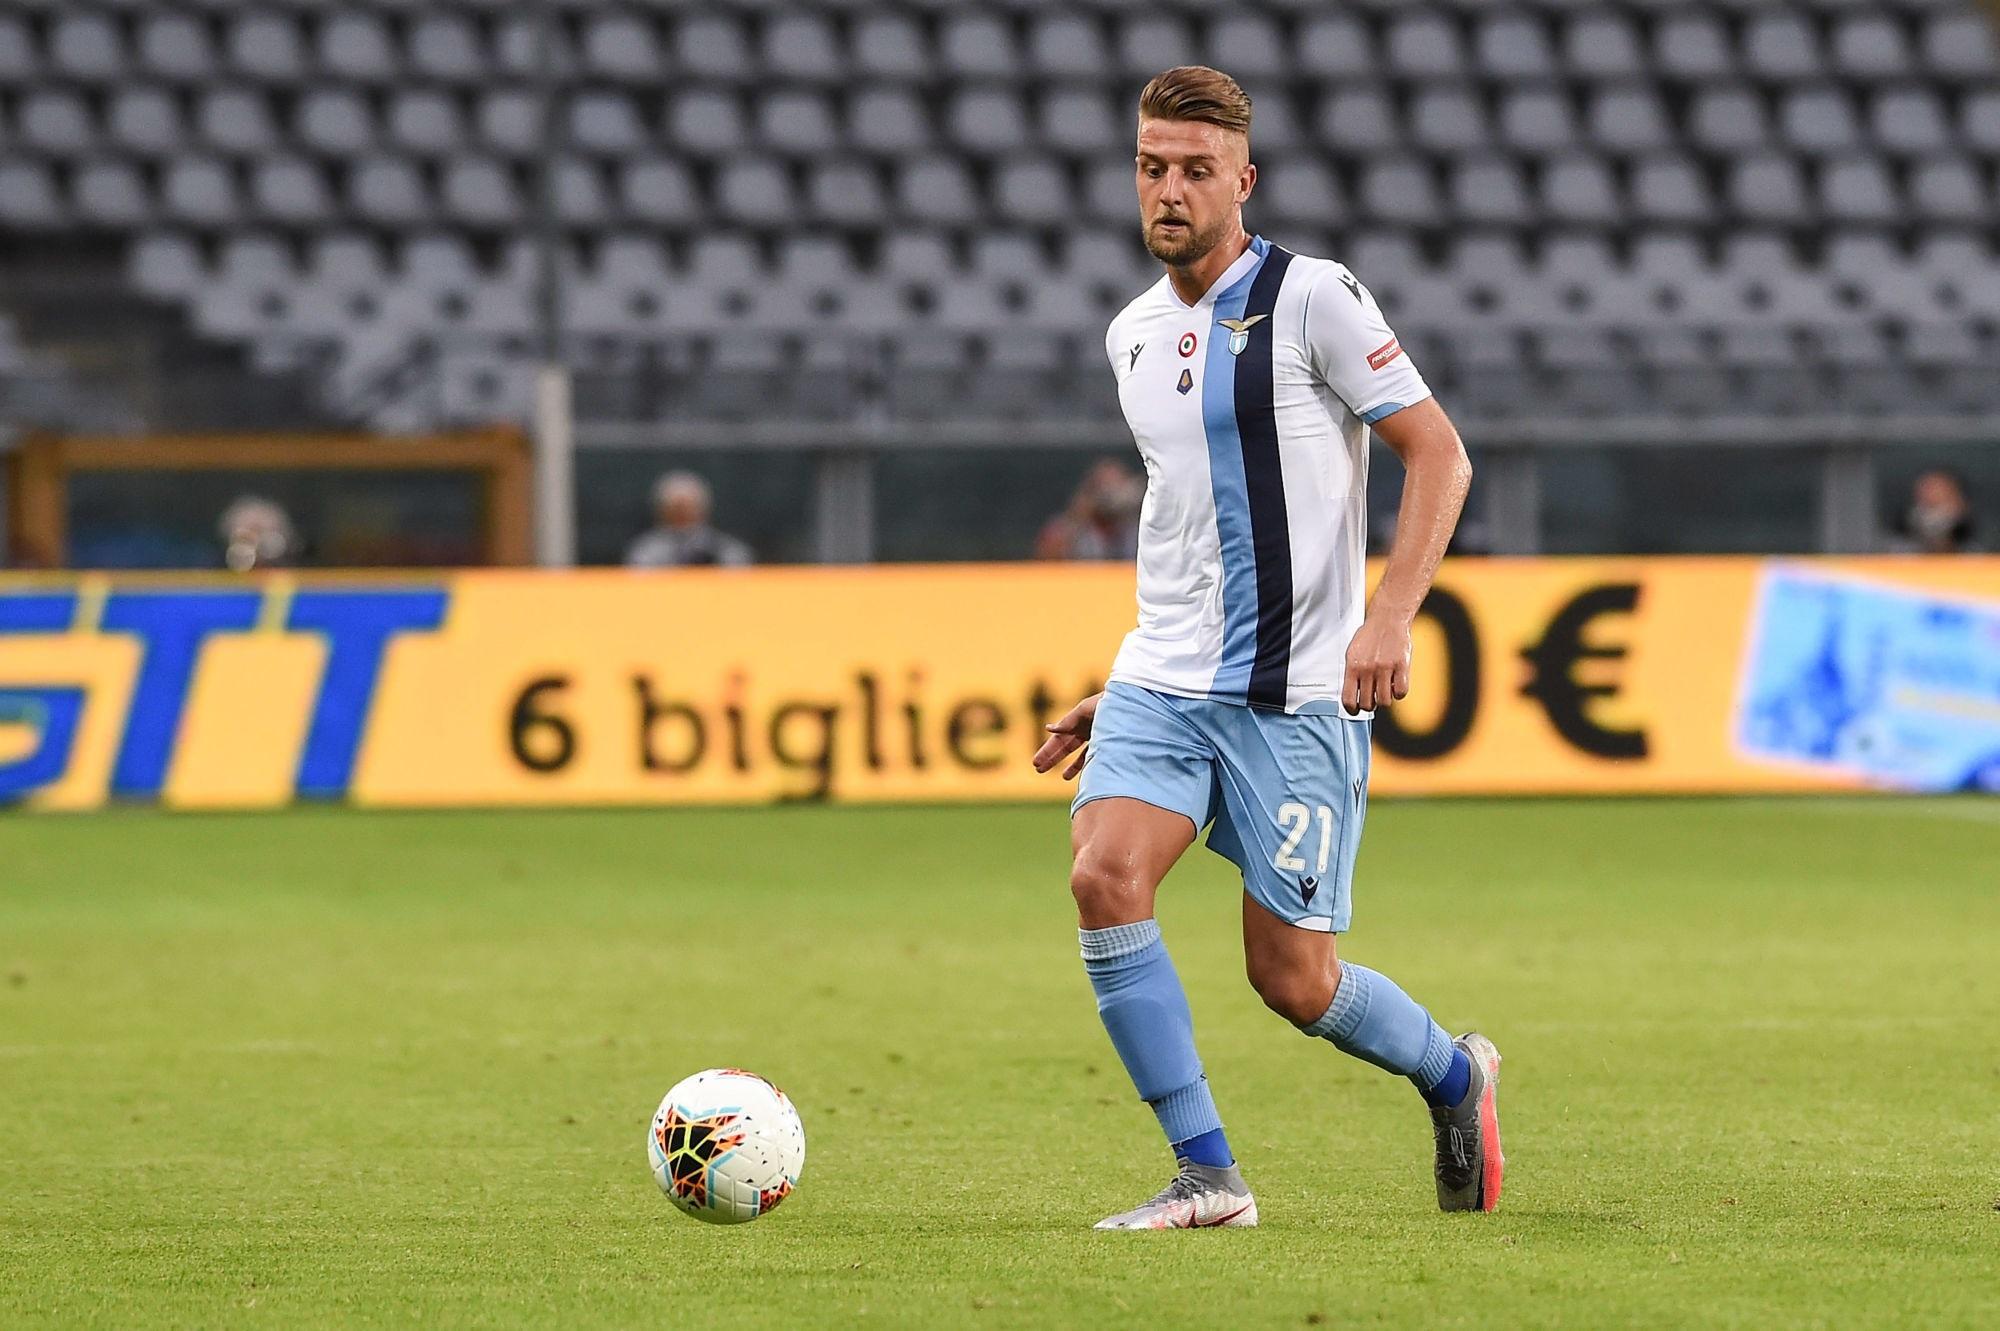 Mercato - La Lazio compte sur la vente de Milinkovic-Savic pour financer son été, annonce la GDS